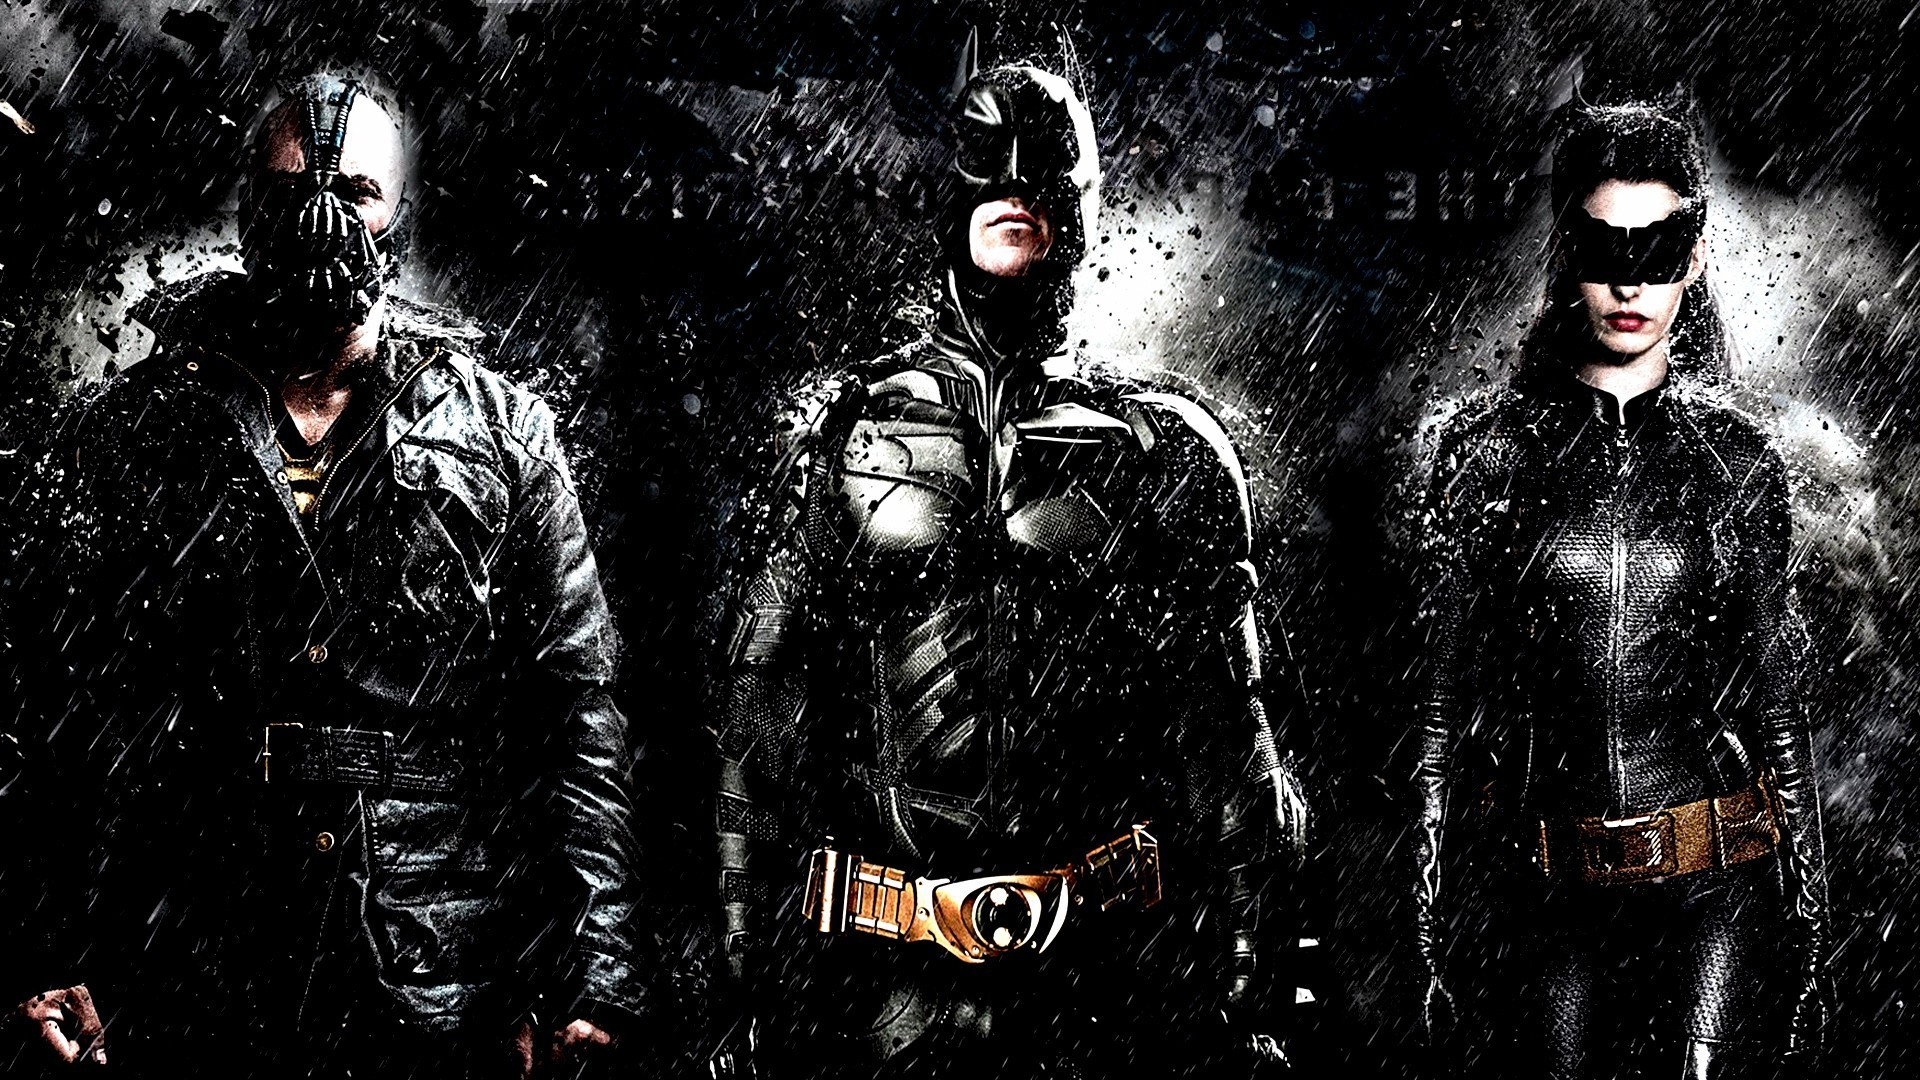 Batman Wallpaper Iphone Dark Knight 1920x1080 Wallpaper Teahub Io